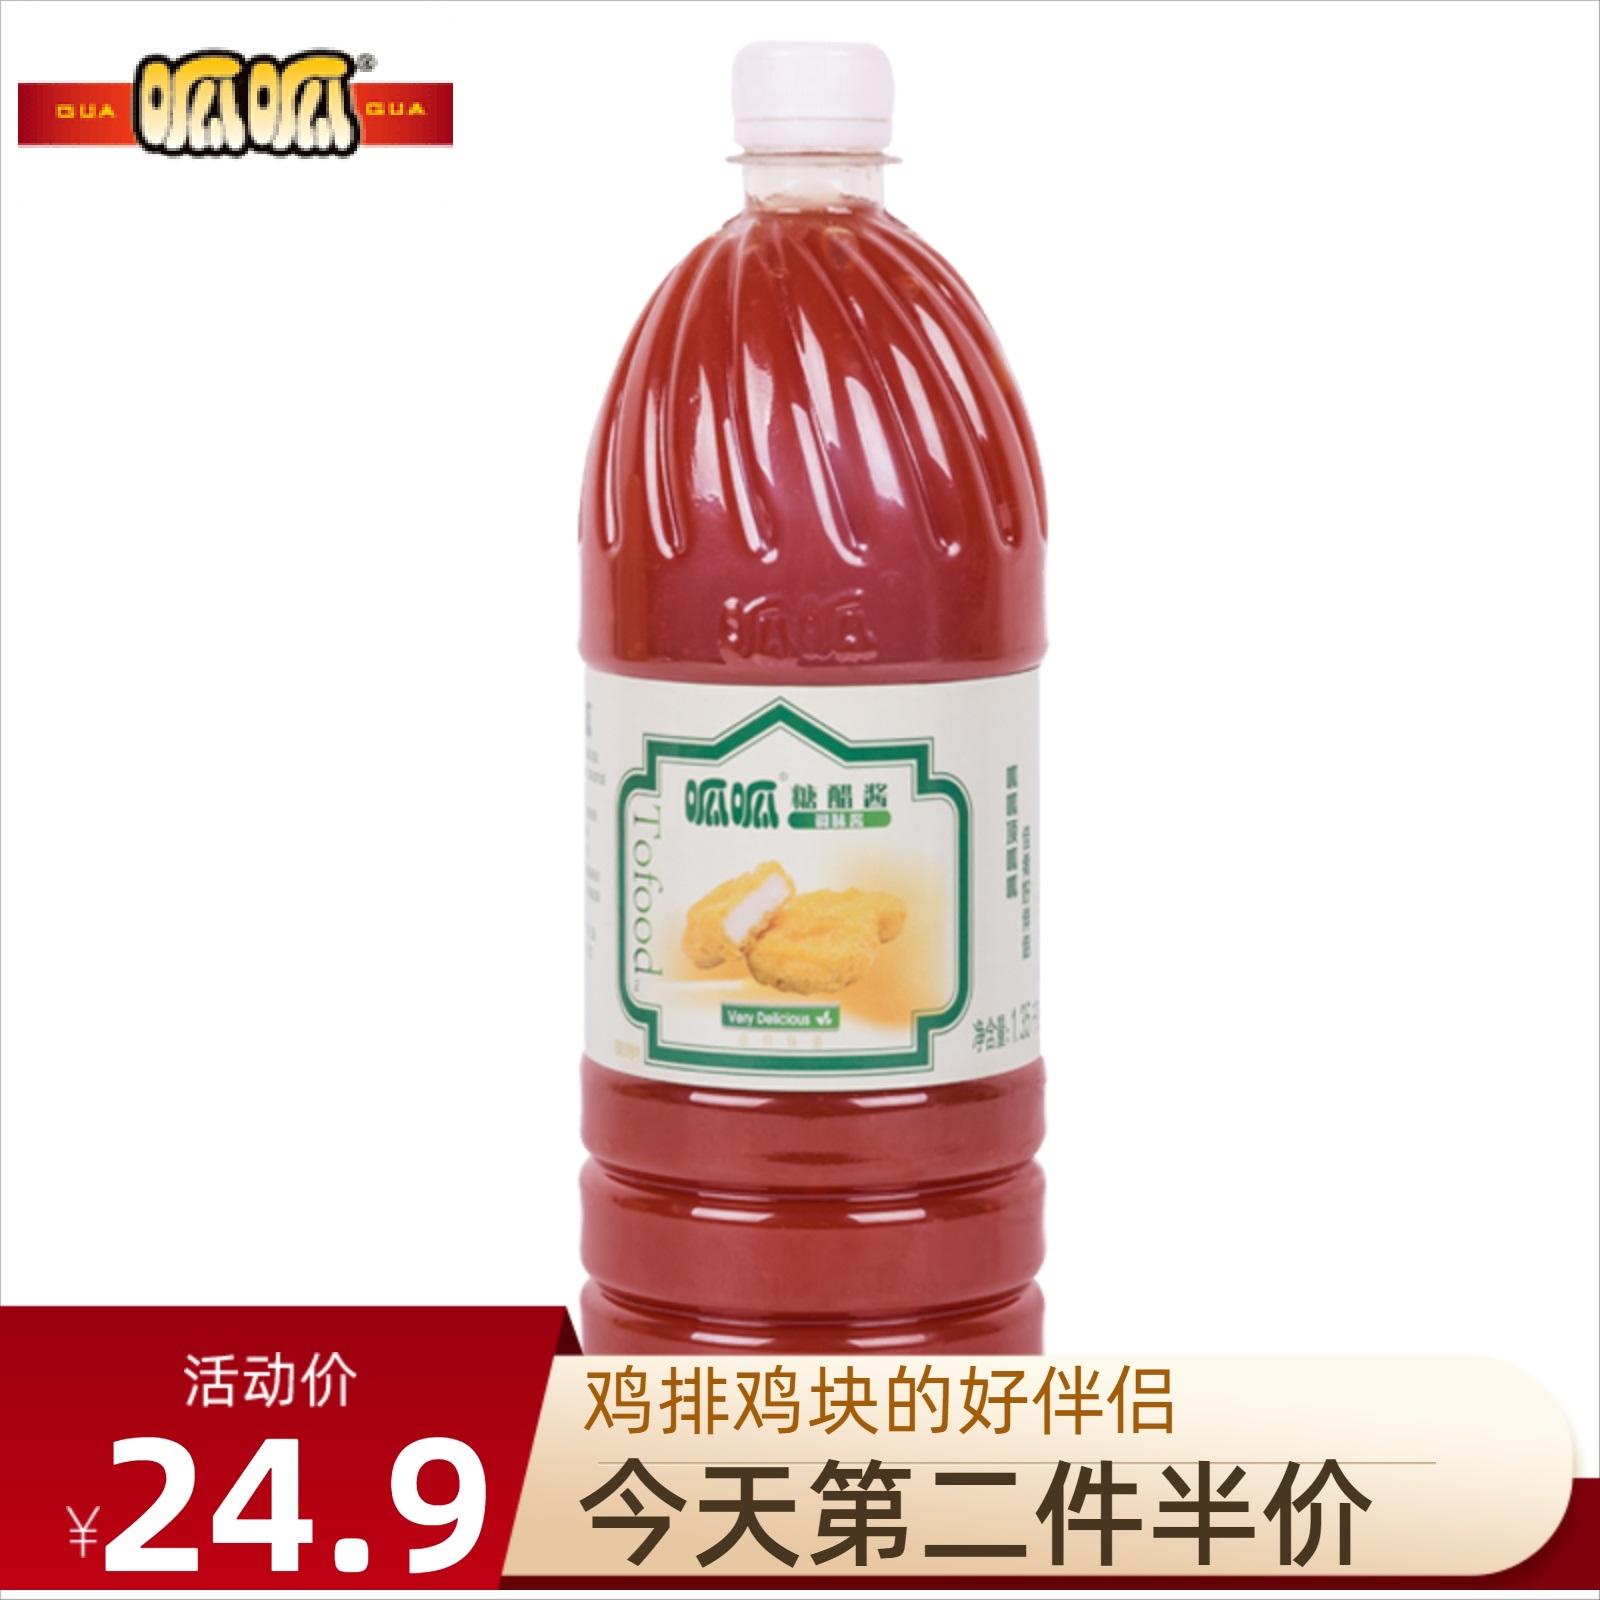 呱呱糖醋1.35 kg桶装肯德基鱼鸡块